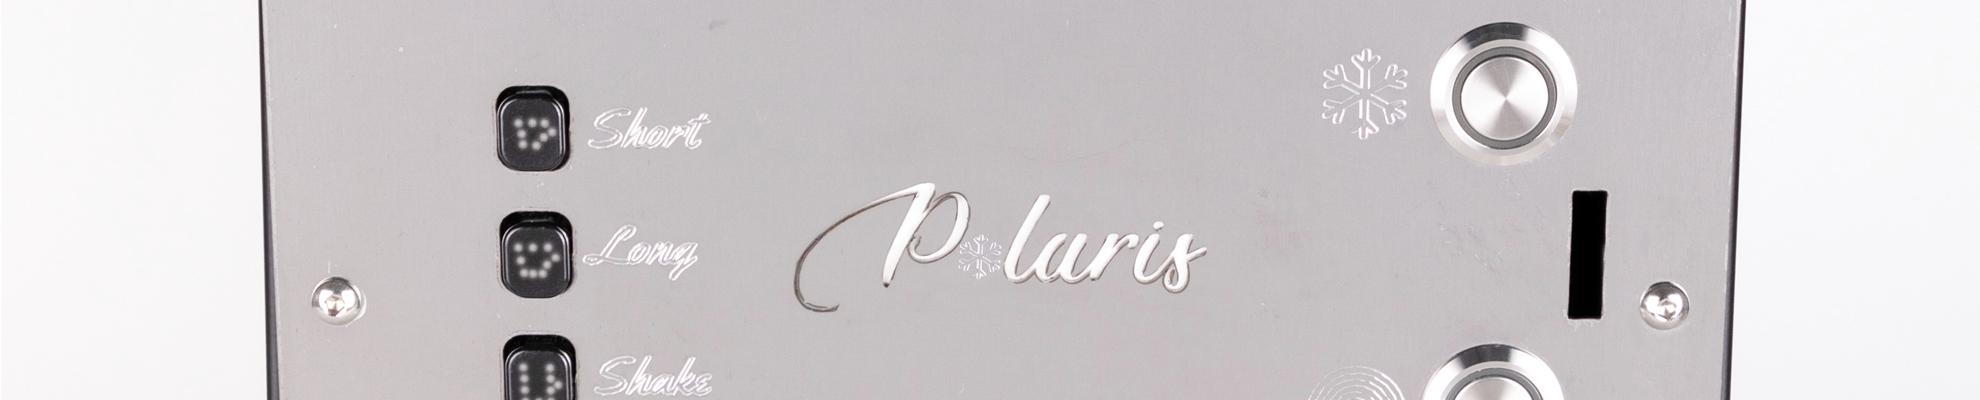 P#LARIS